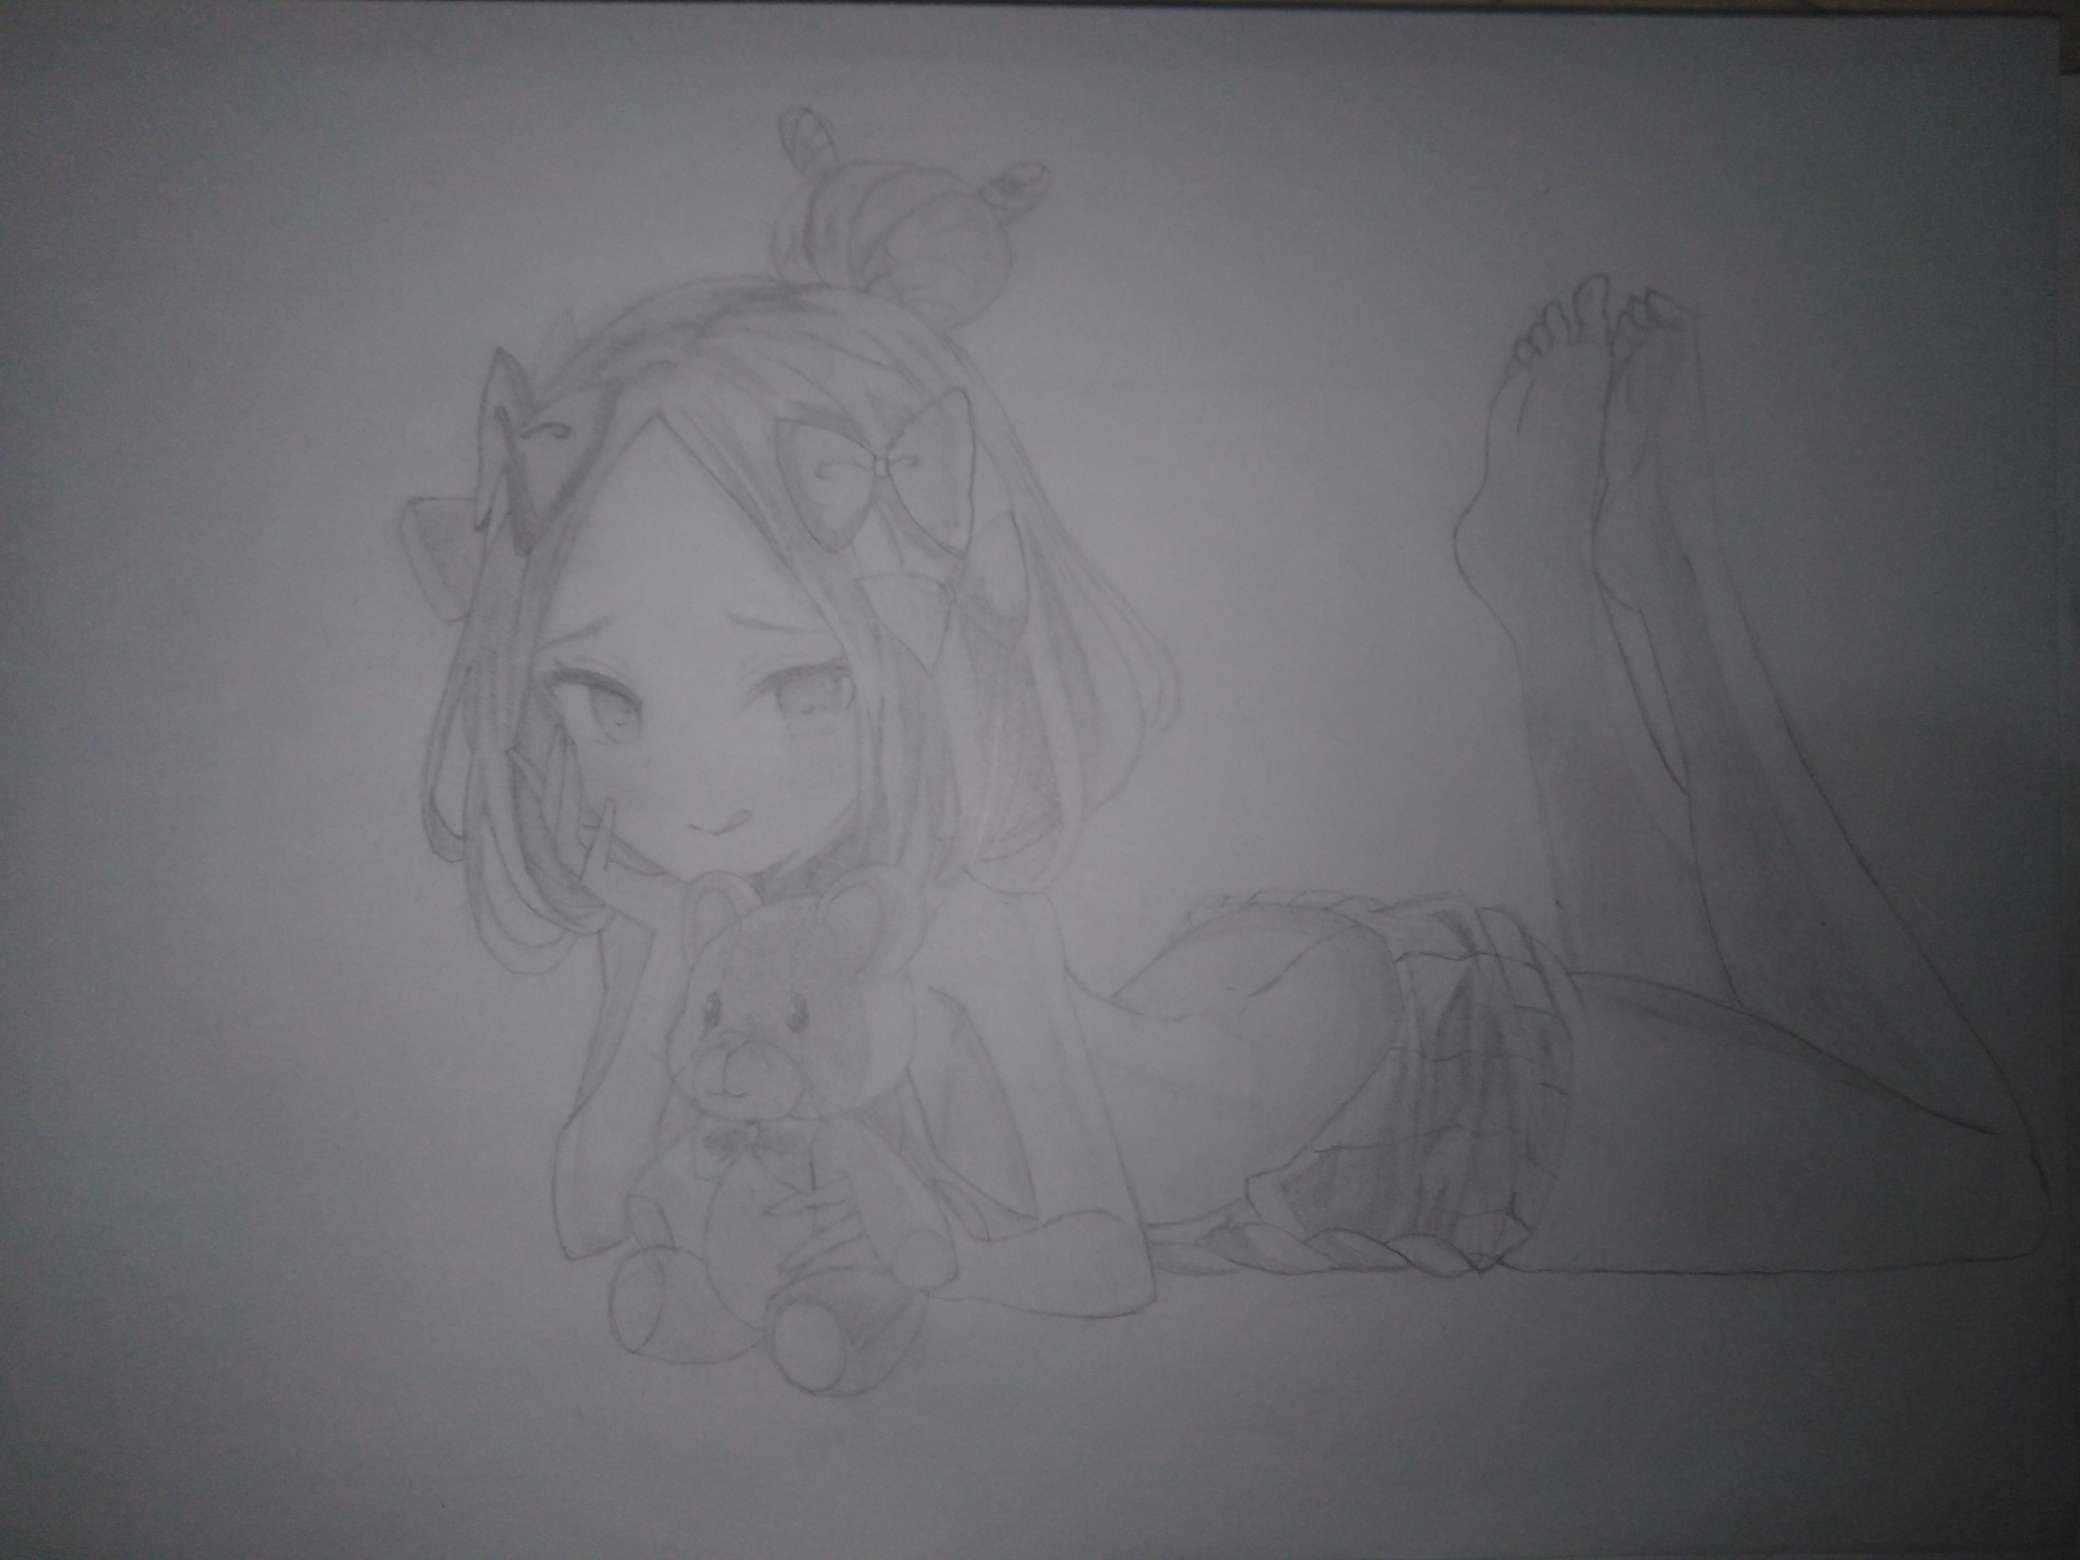 【手绘】画个可爱的小阿比(虽然崩了)-小柚妹站